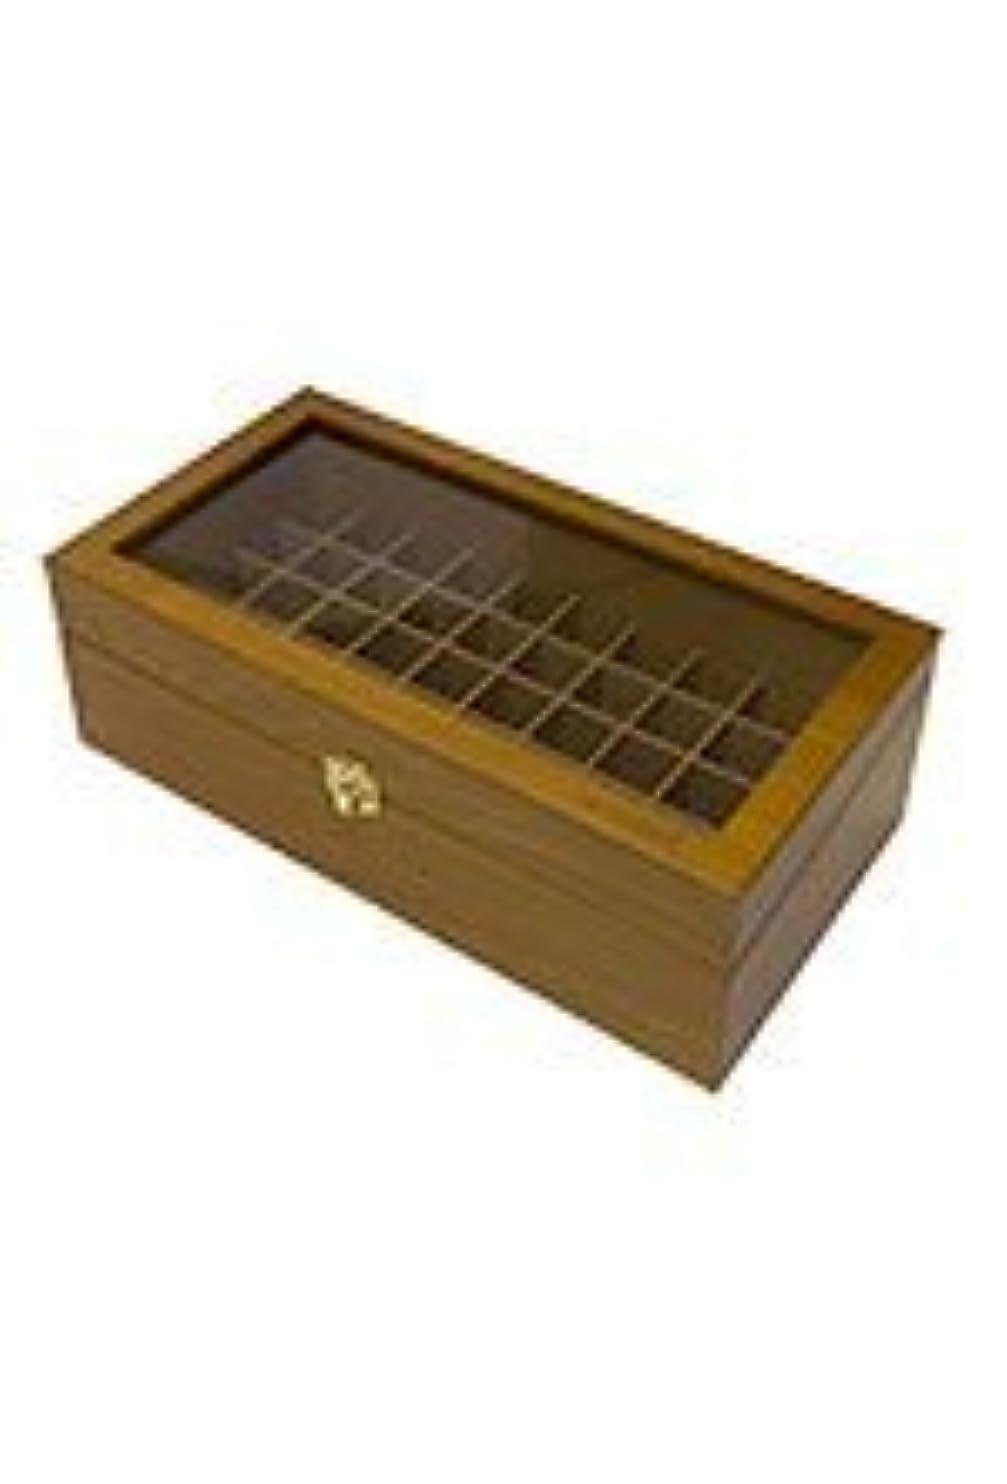 ベット指令お風呂(ドテラ) doTERRA ウッドボックス ライトブラウン 窓付き 木箱 エッセンシャルオイル 精油 整理箱 ガラストップ ガラス窓 50本